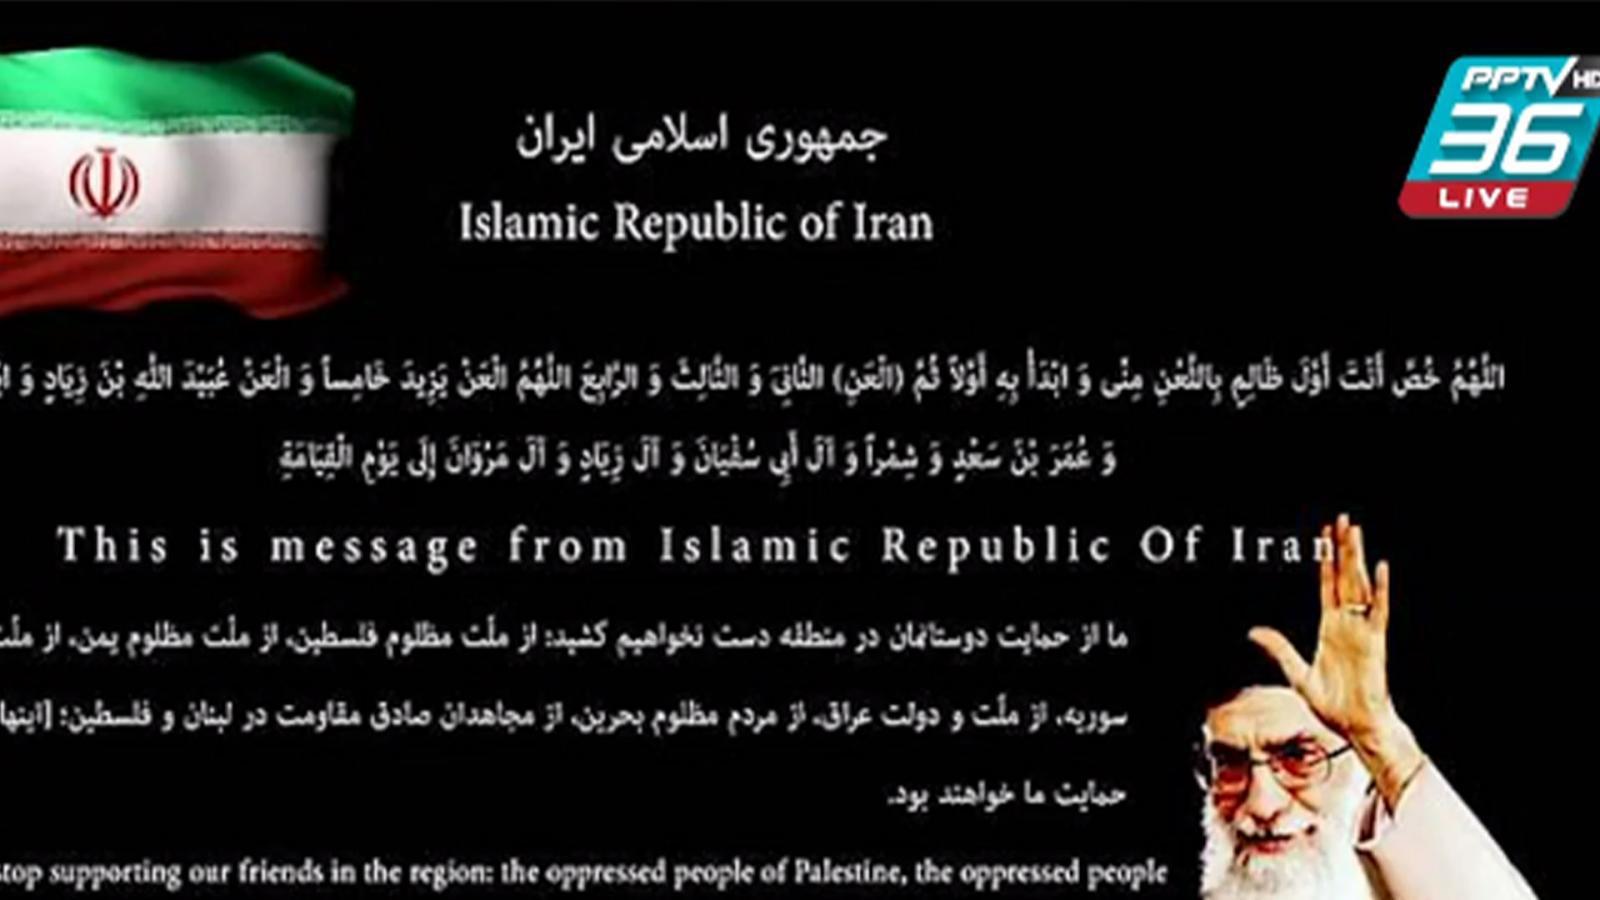 """""""แฮกเกอร์"""" ป่วนเว็บไซต์สหรัฐฯเปลี่ยนหน้าเว็บเป็นภาพผู้นำอิหร่าน"""